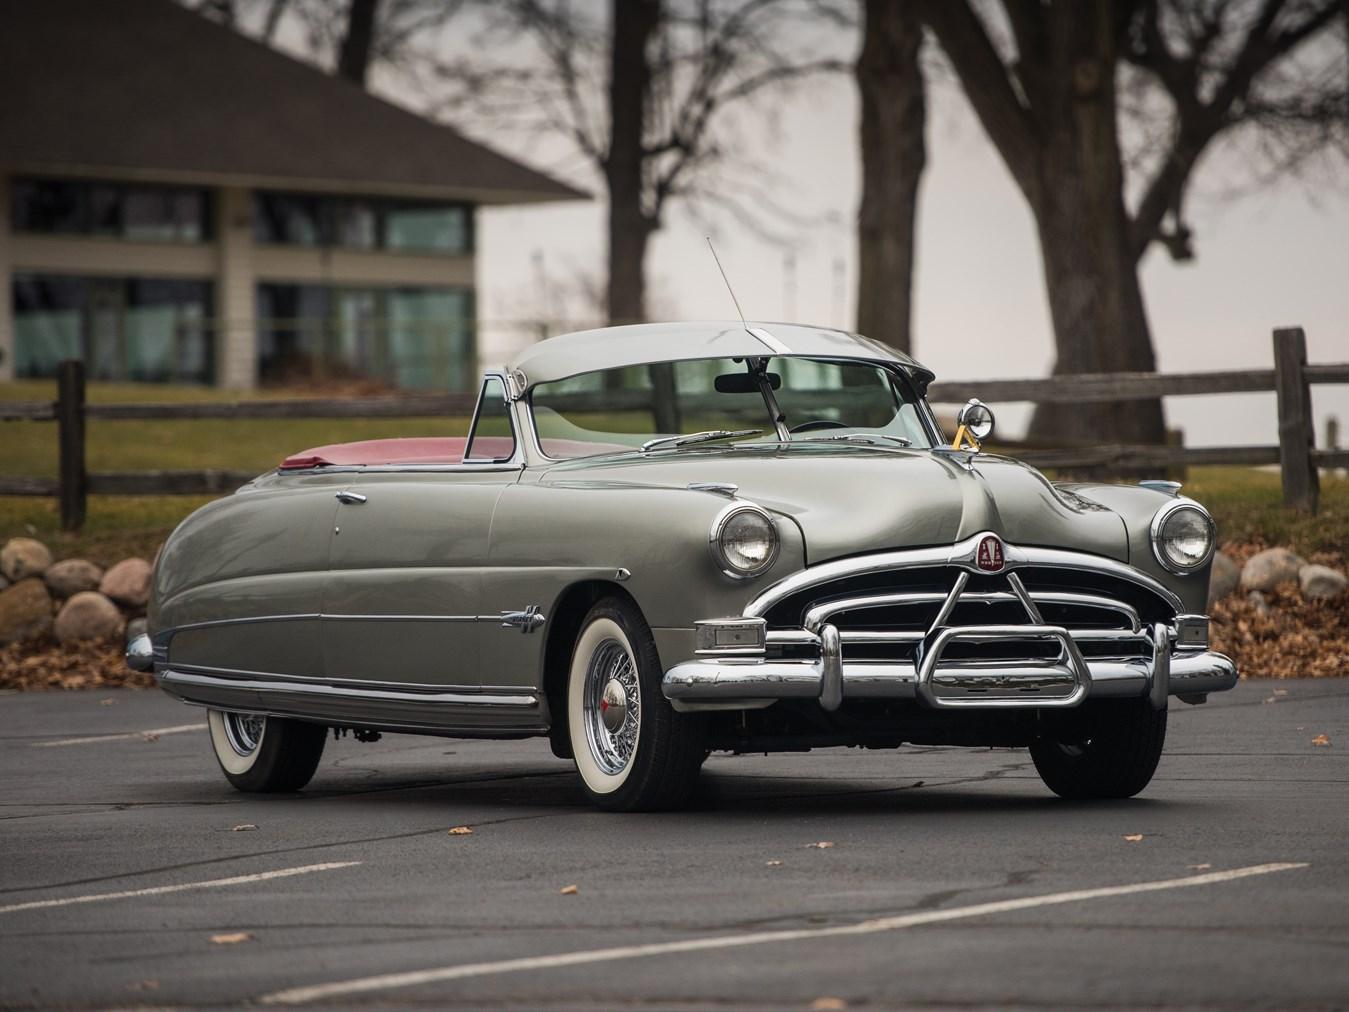 1951 Hudson Hornet Convertible Brougham RM Sotheby's